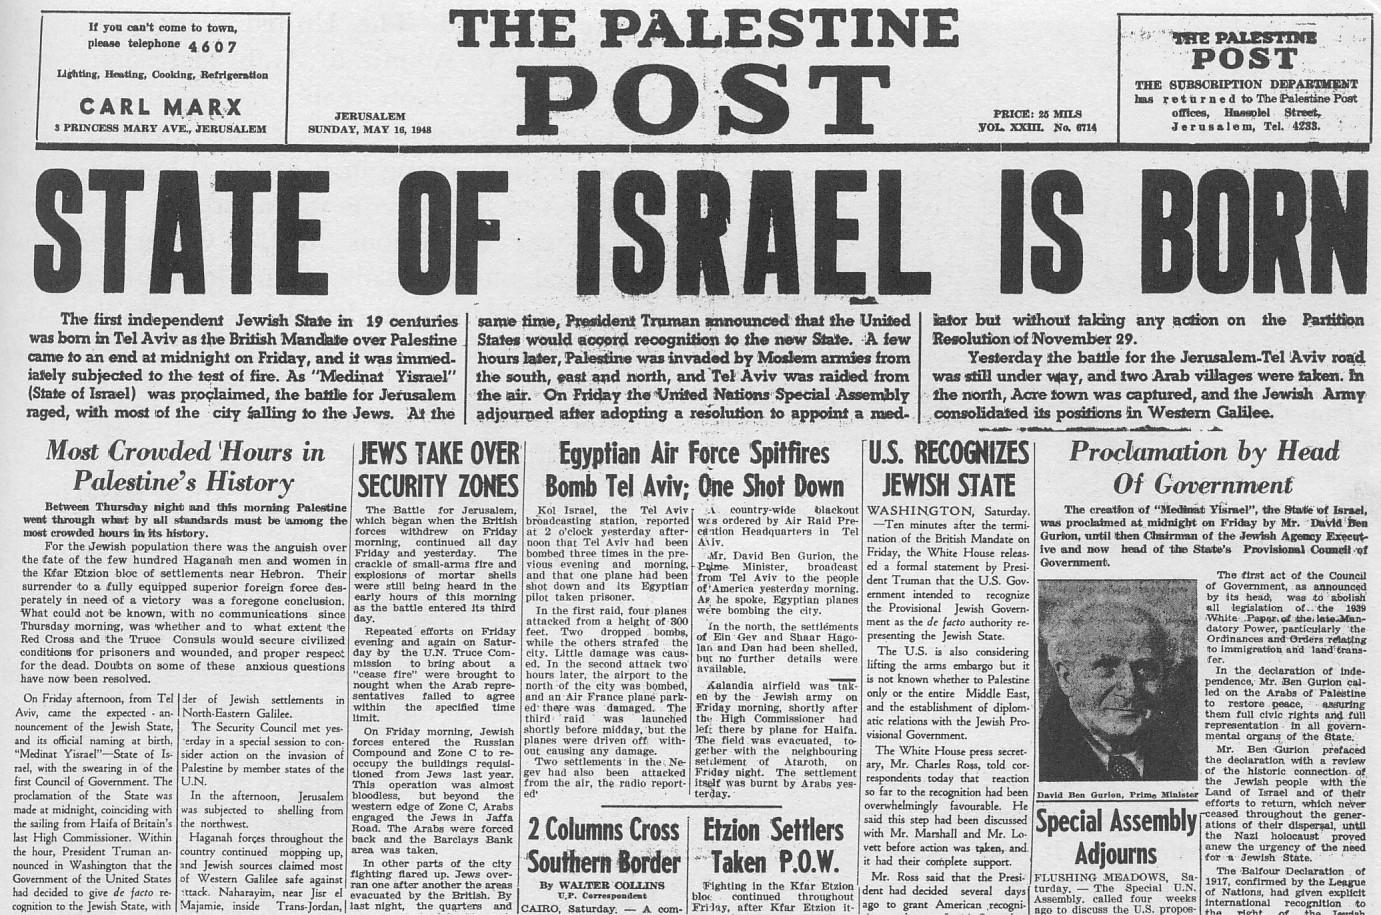 Nhà nước Israel đã được thành lập như thế nào?